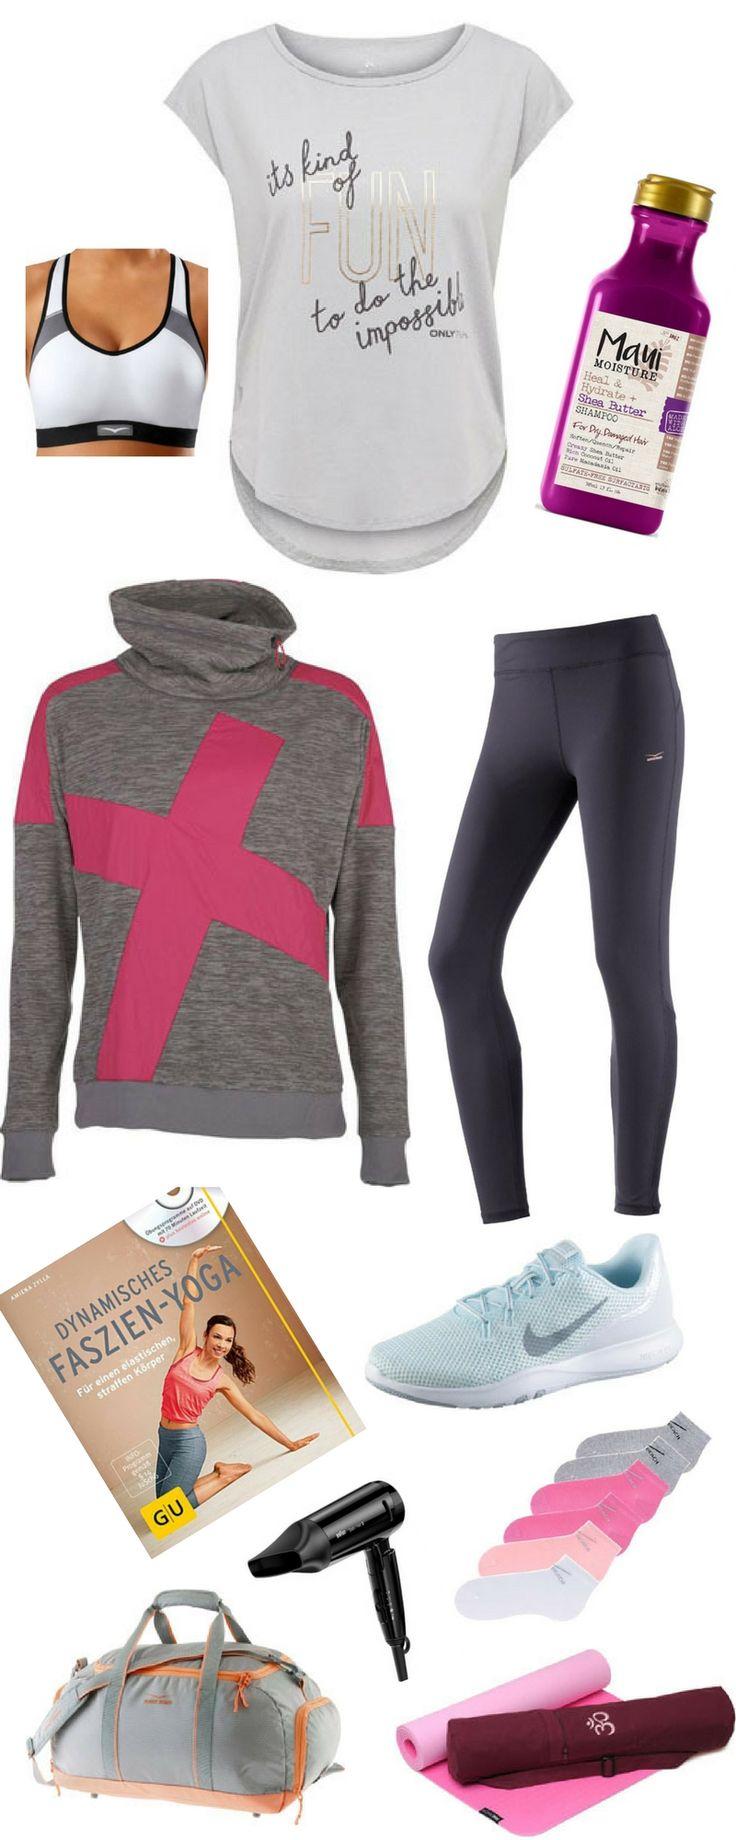 Fitness-Outfit für Frauen für Yoga und Workout im Fitness-Studio. Statement Shirt, atmungsaktive Fitness-Hose, Trainings-Schuhe, Yoga Matte, Faszien-Yoga Buch, geräumige Sporttasche mit Nassfach, Füsslinge, kuschliger Fleece-Pulli, Sport-BH für mittlere Belastungen, klappbarer Reisehaartrockner